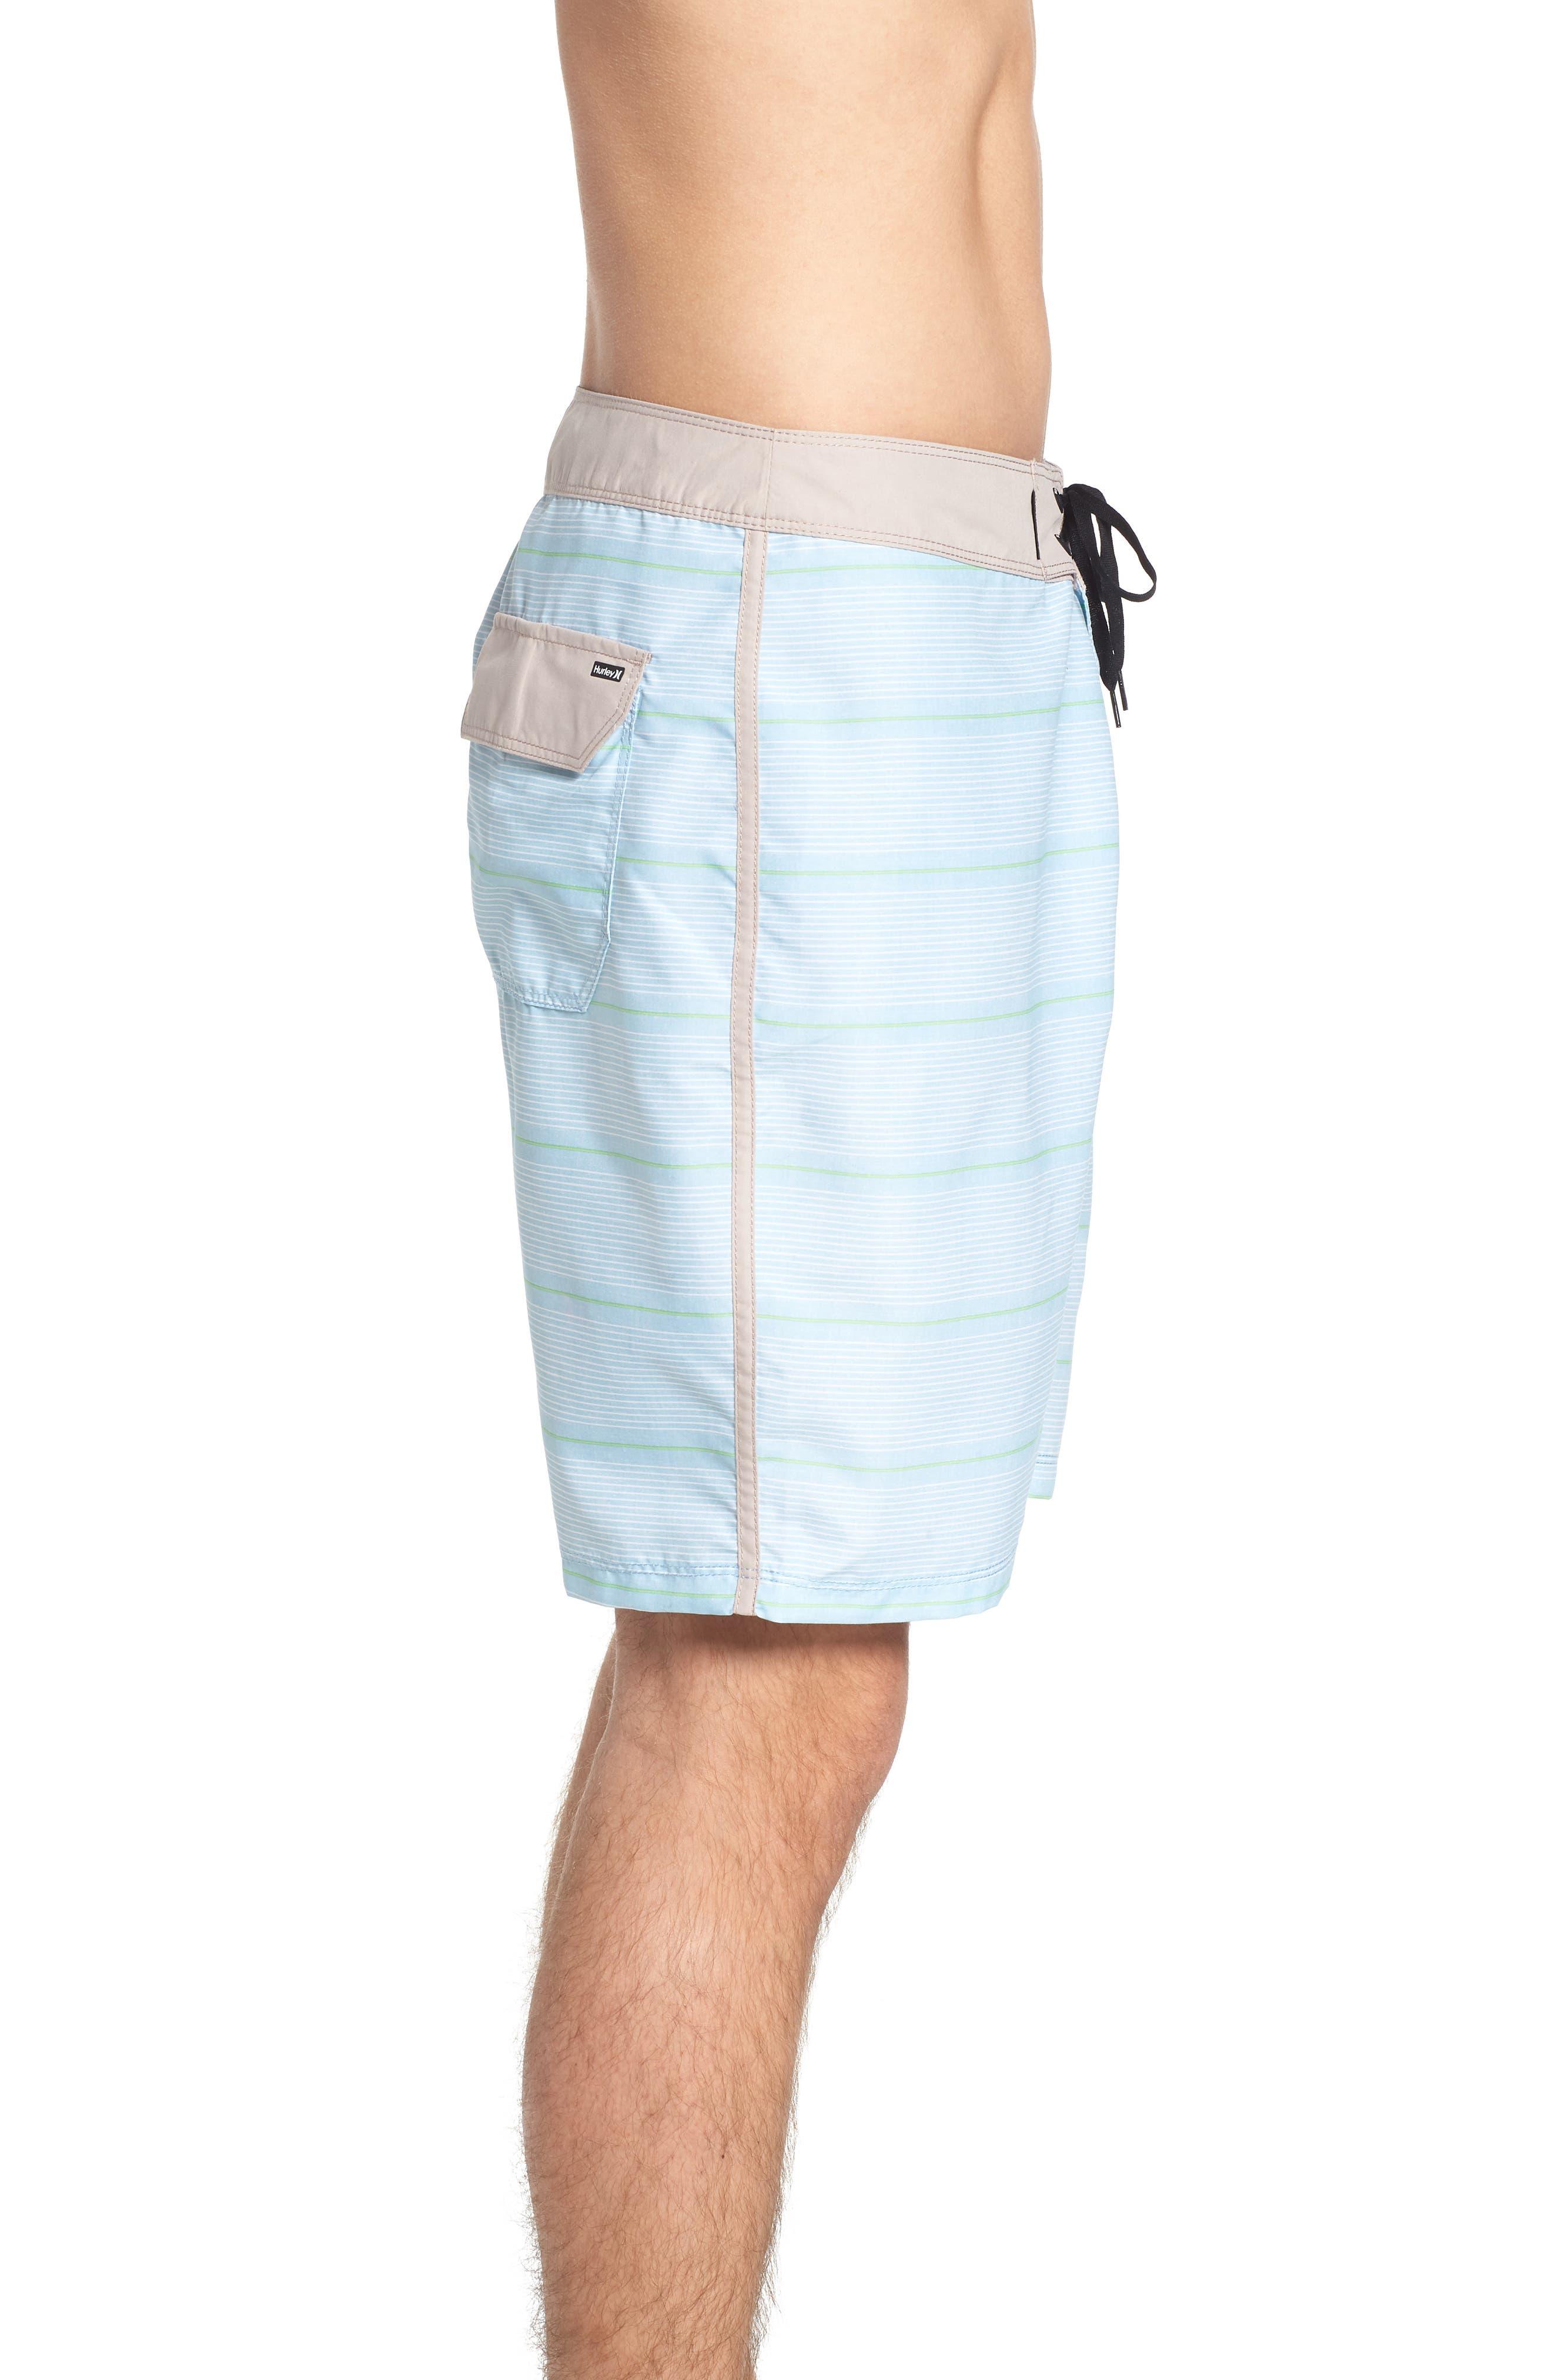 Shoreside Board Shorts,                             Alternate thumbnail 3, color,                             Ocean Bliss